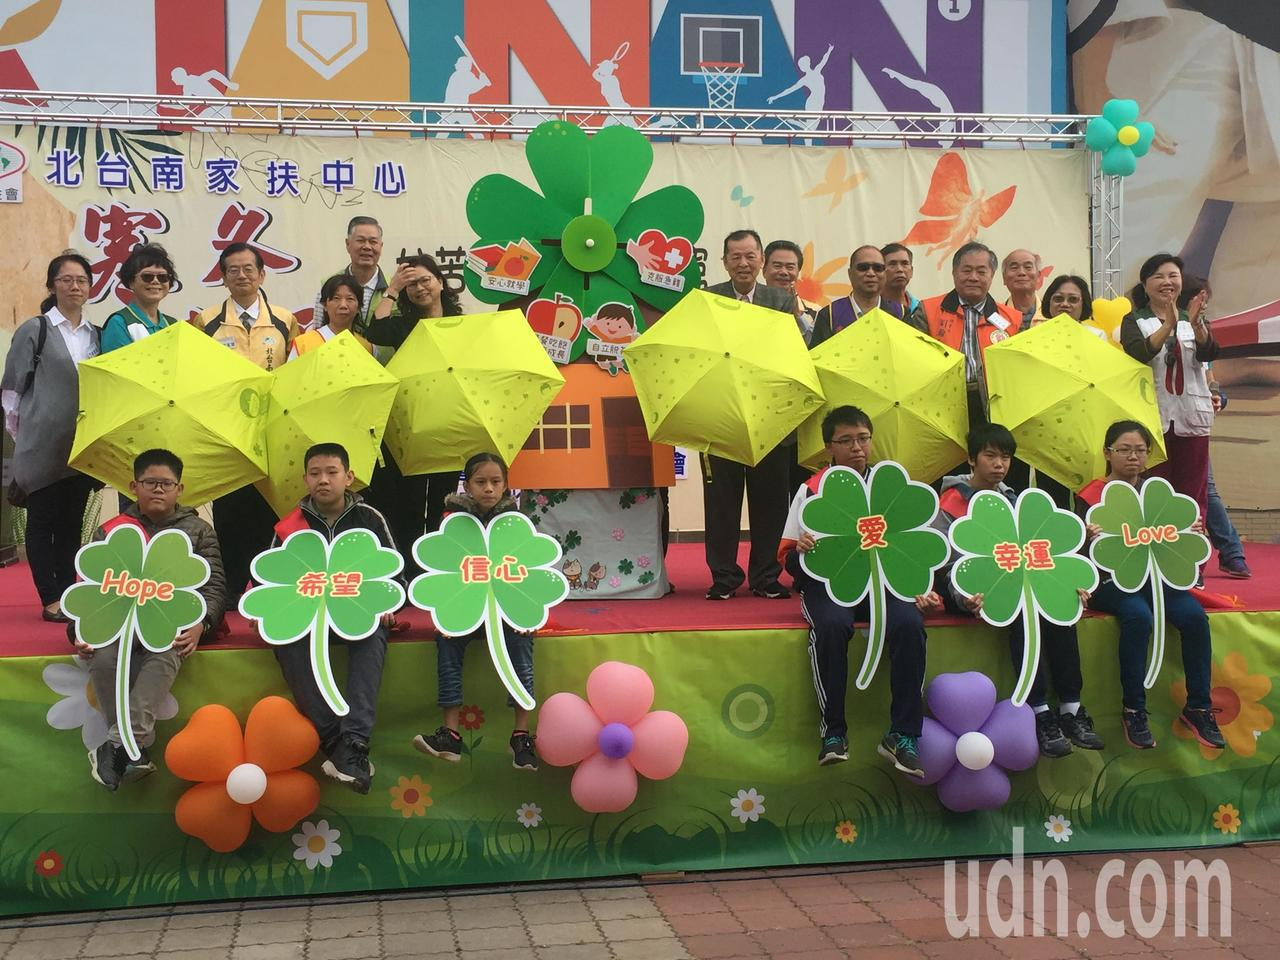 北台南家扶舉辦「106年甘苦與共希望無窮」活動。記者吳政修/攝影